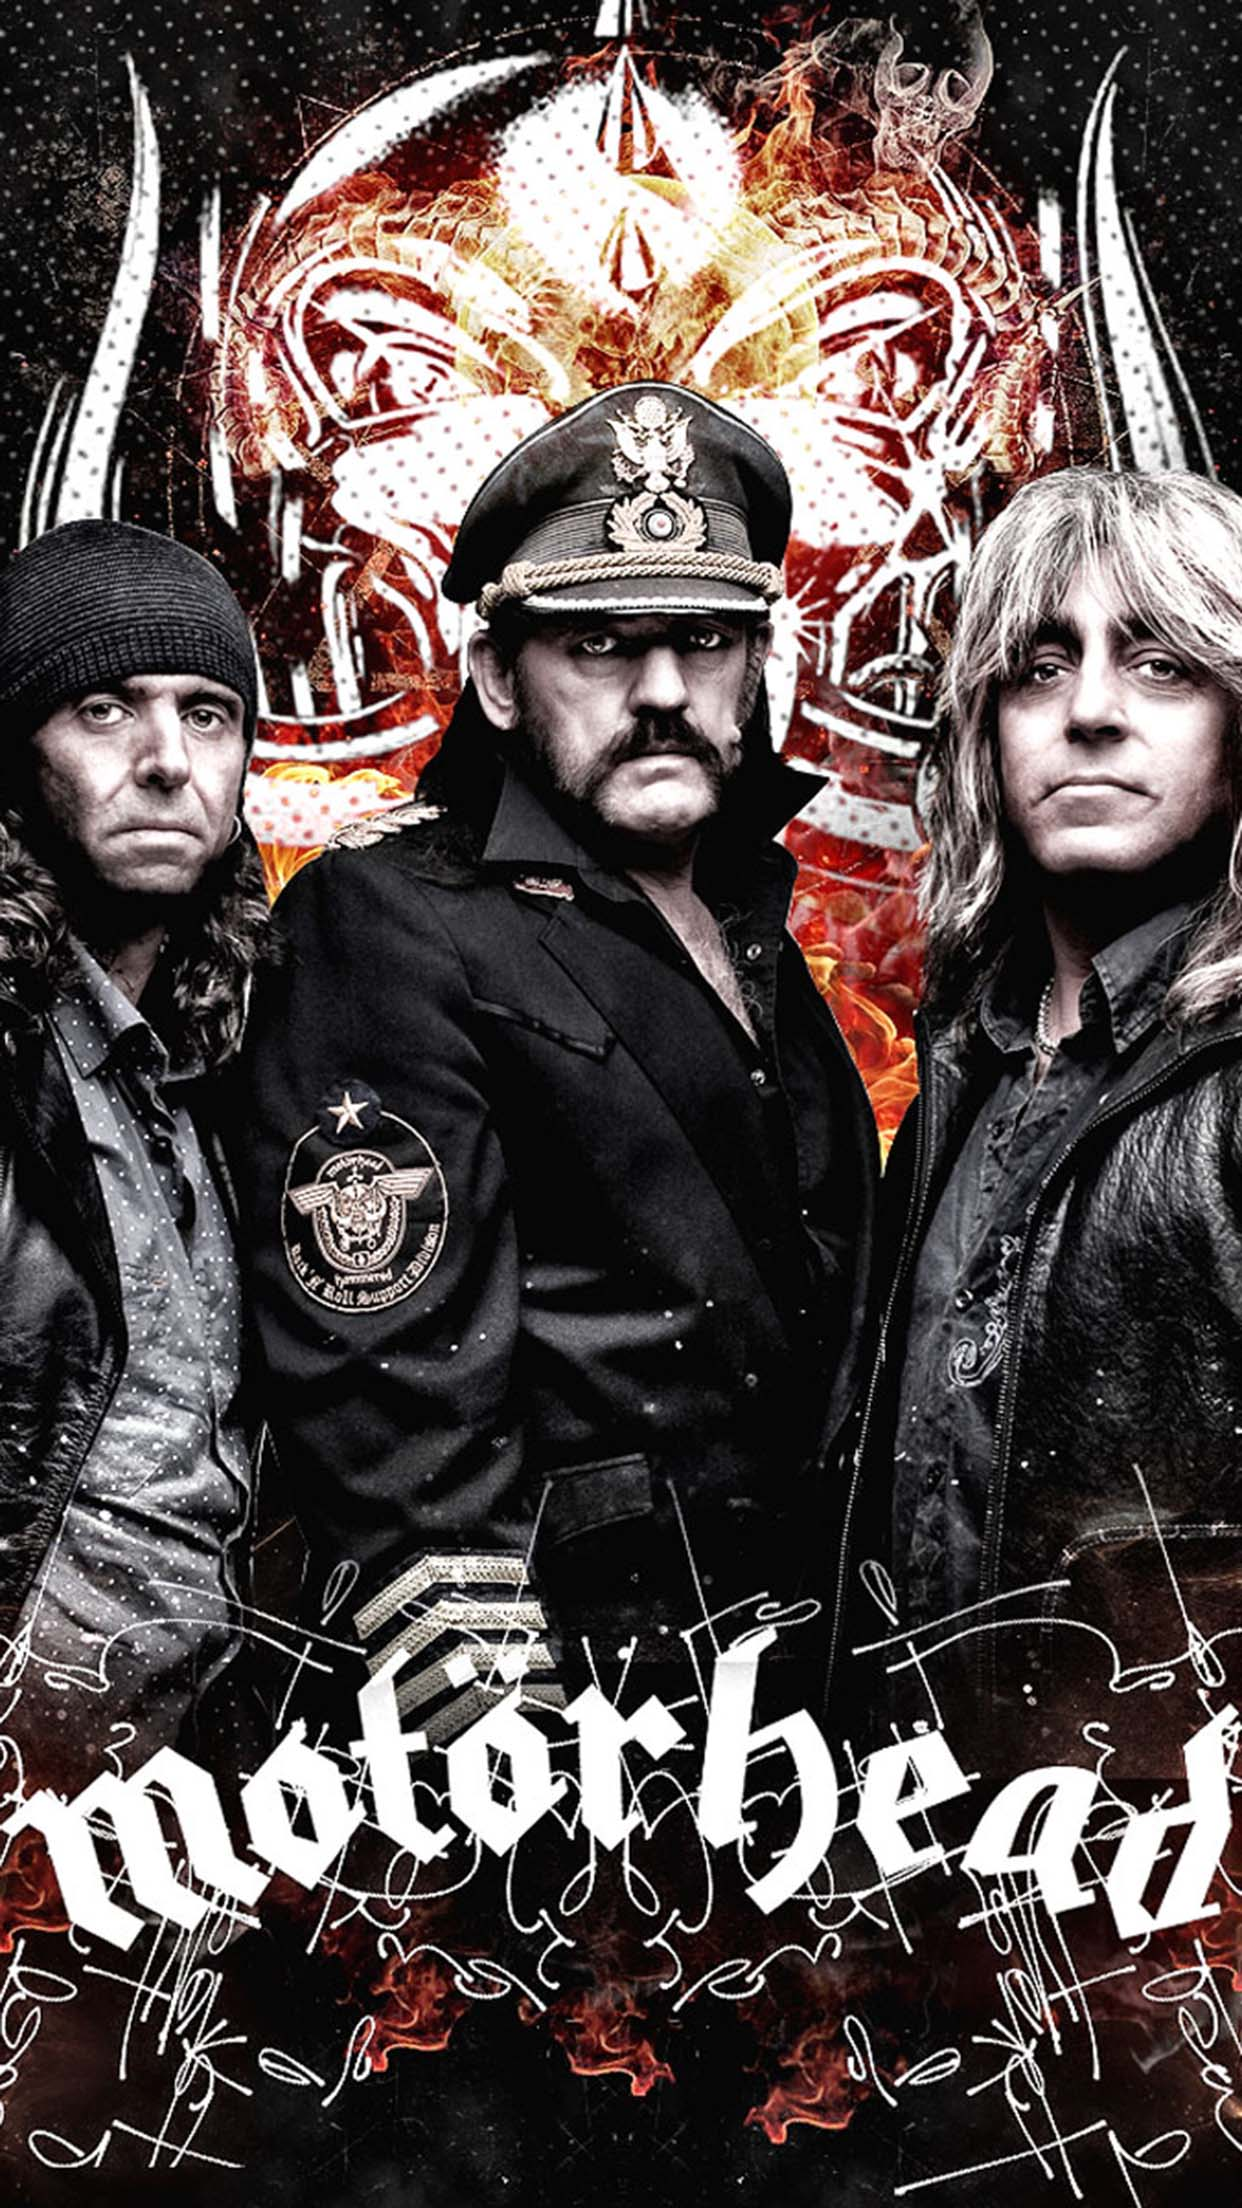 Motörhead Motörhead Group 3Wallpapers iPhone Parallax Motörhead